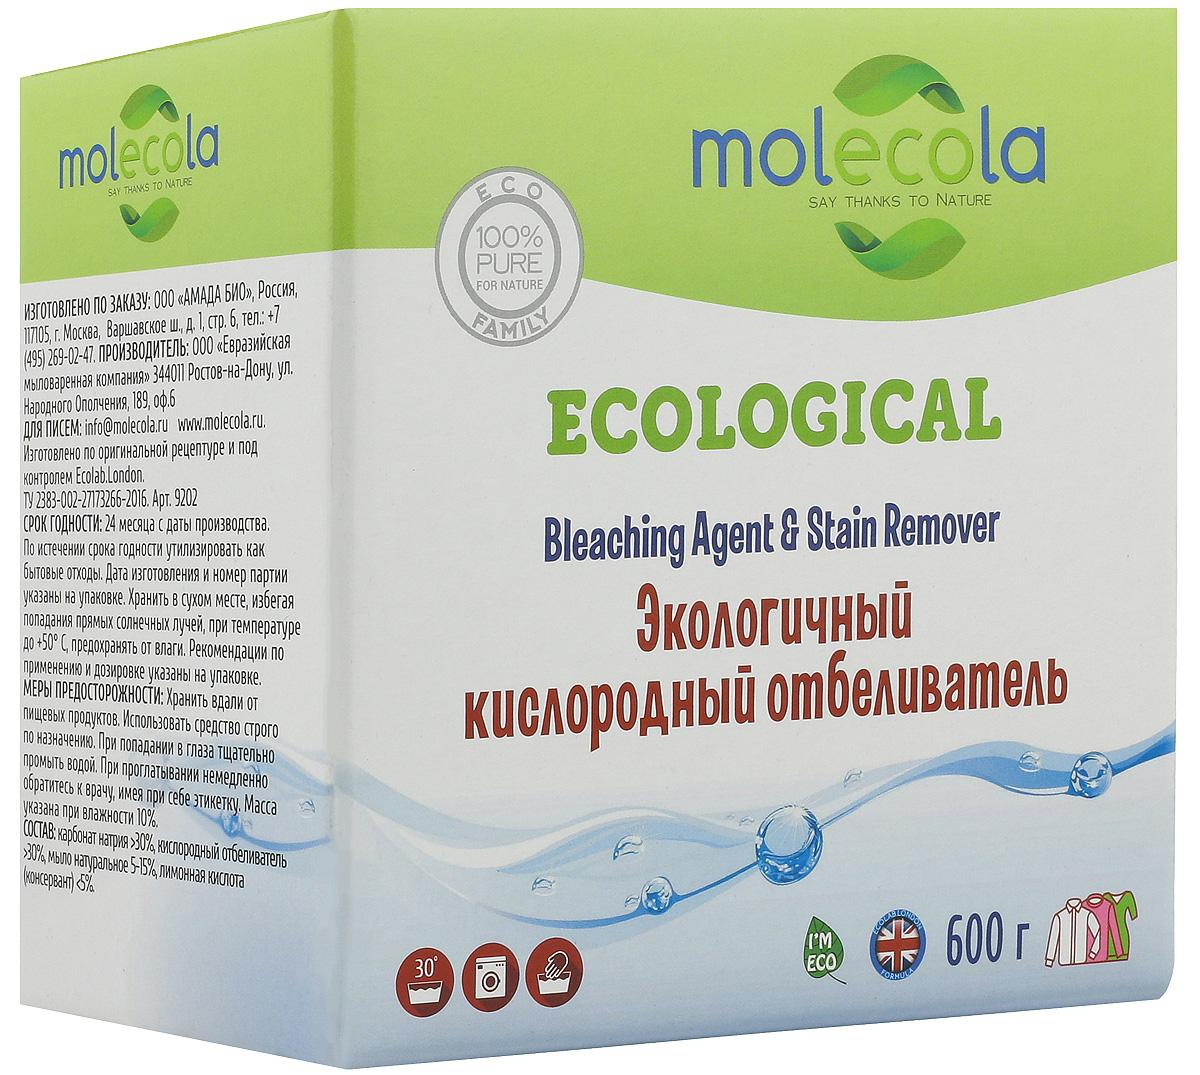 Отбеливатель Molecola, кислородный, 600 г9202Экологичный кислородный отбеливатель Molecola является универсальным средством для удаления стойких загрязнений со всех видов цветных ибелых тканей. Предупреждает преждевременное старение (серый оттенок) белых вещей, сохраняет первозданный цвет.• Удаляет пятна от травы, крови, зеленки, йода, косметики, вина, пищевых красителей, соков и соусов.• Рекомендуется использовать для предварительного замачивания и стирки вместе со стиральным порошком для максимального эффекта.• Восстанавливает белизну белых тканей.• Сохраняет краски цветного белья.• Нейтрализует запахи и придает свежесть.• Бережно сохраняет структуру волокон ткани.• Не наносит вреда окружающей среде, полностью биоразлагаем.• Не содержит оптических отбеливателей, фосфатов, хлора, цеолитов, а-ПАВ, EDTA, SLS/SLES, искусственных красителей и синтетическихароматизаторов.• Подходит для стиральных машин любого типа и ручной стирки. Способ применения: добавьте 35 г (1.5 ложки) на 1 цикл стирки (3-5 кг. белья)пятновыводителя к стиральному порошку или гелю для стирки при загрузке в стиральную машину. Количество средства может быть изменено взависимости от степени загрязнения вещей и жесткости воды.Состав: карбонат натрия >30%, кислородный отбеливатель >30%, мыло натуральное 5-15%, лимонная кислота (консервант)Изготовлено по оригинальной рецептуре и под контролем Ecolab.London.Срок годности: 24 месяца с даты производства. По истечении срока годности утилизировать как бытовые отходы. Дата изготовления и номерпартии указаны на упаковке. Хранить в сухом месте, избегая попадания прямых солнечных лучей, при температуре до +50° С, предохранять отвлаги. Рекомендации по применению и дозировке указаны на упаковке.Меры предосторожности: Хранить вдали от пищевых продуктов. Использовать средство строго по назначению. При попадании в глаза тщательнопромыть водой. При проглатывании немедленно обратитесь к врачу, имея при себе этикетку. Масса указана при влажности 10%.